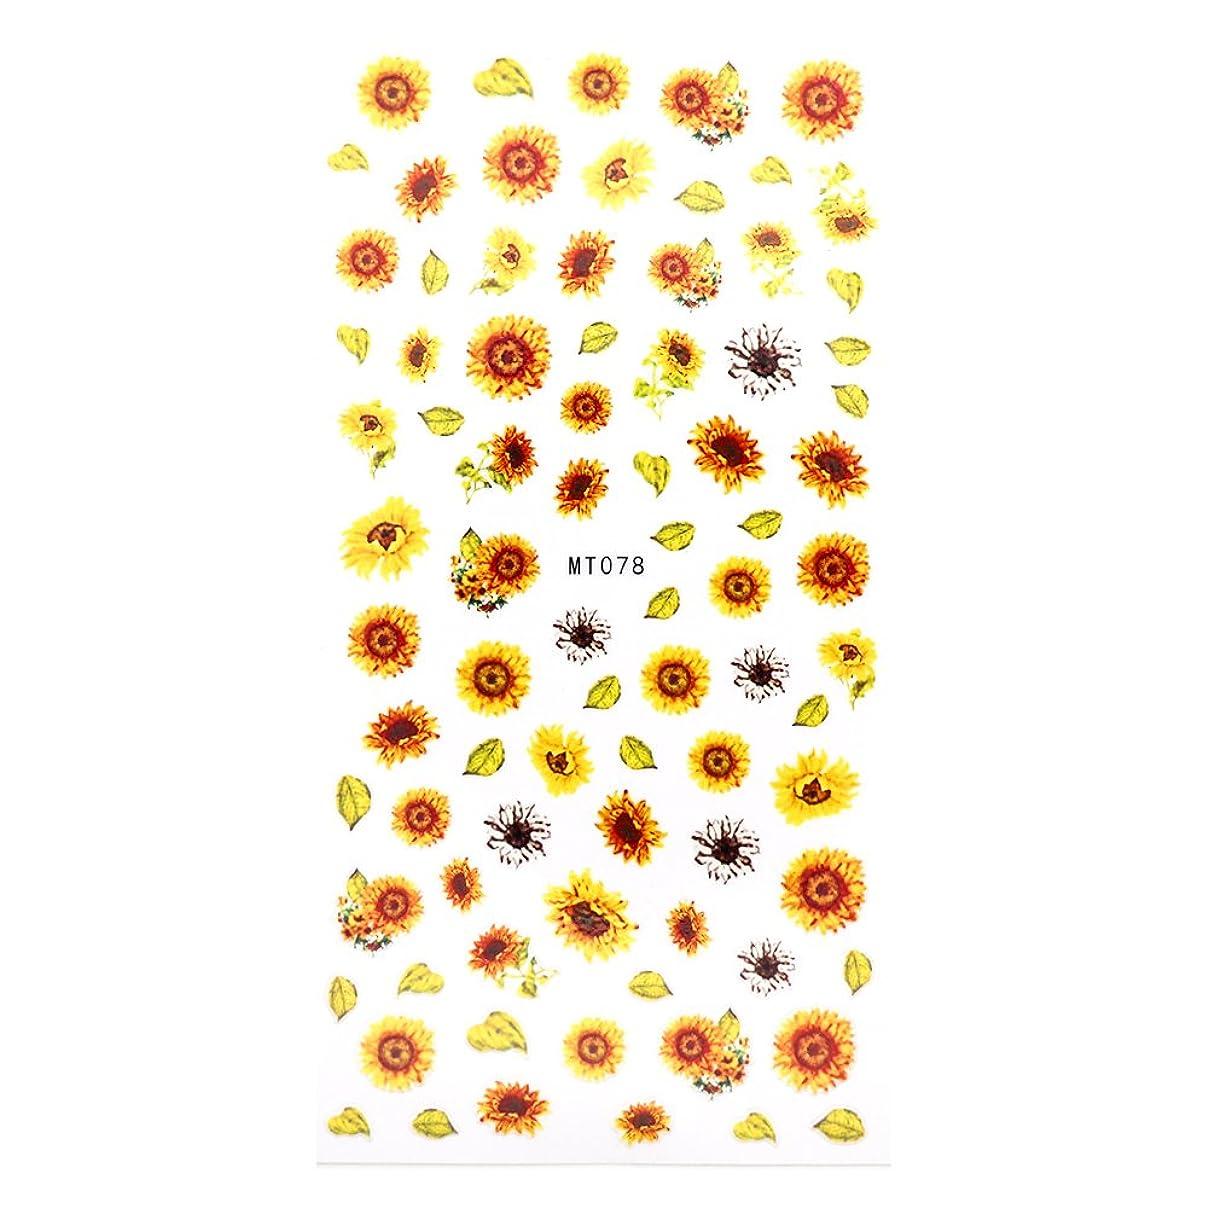 和らげるストライク山積みのirogel イロジェル ソレイユフルール ヒマワリ フラワー ネイルシール 【MT078】